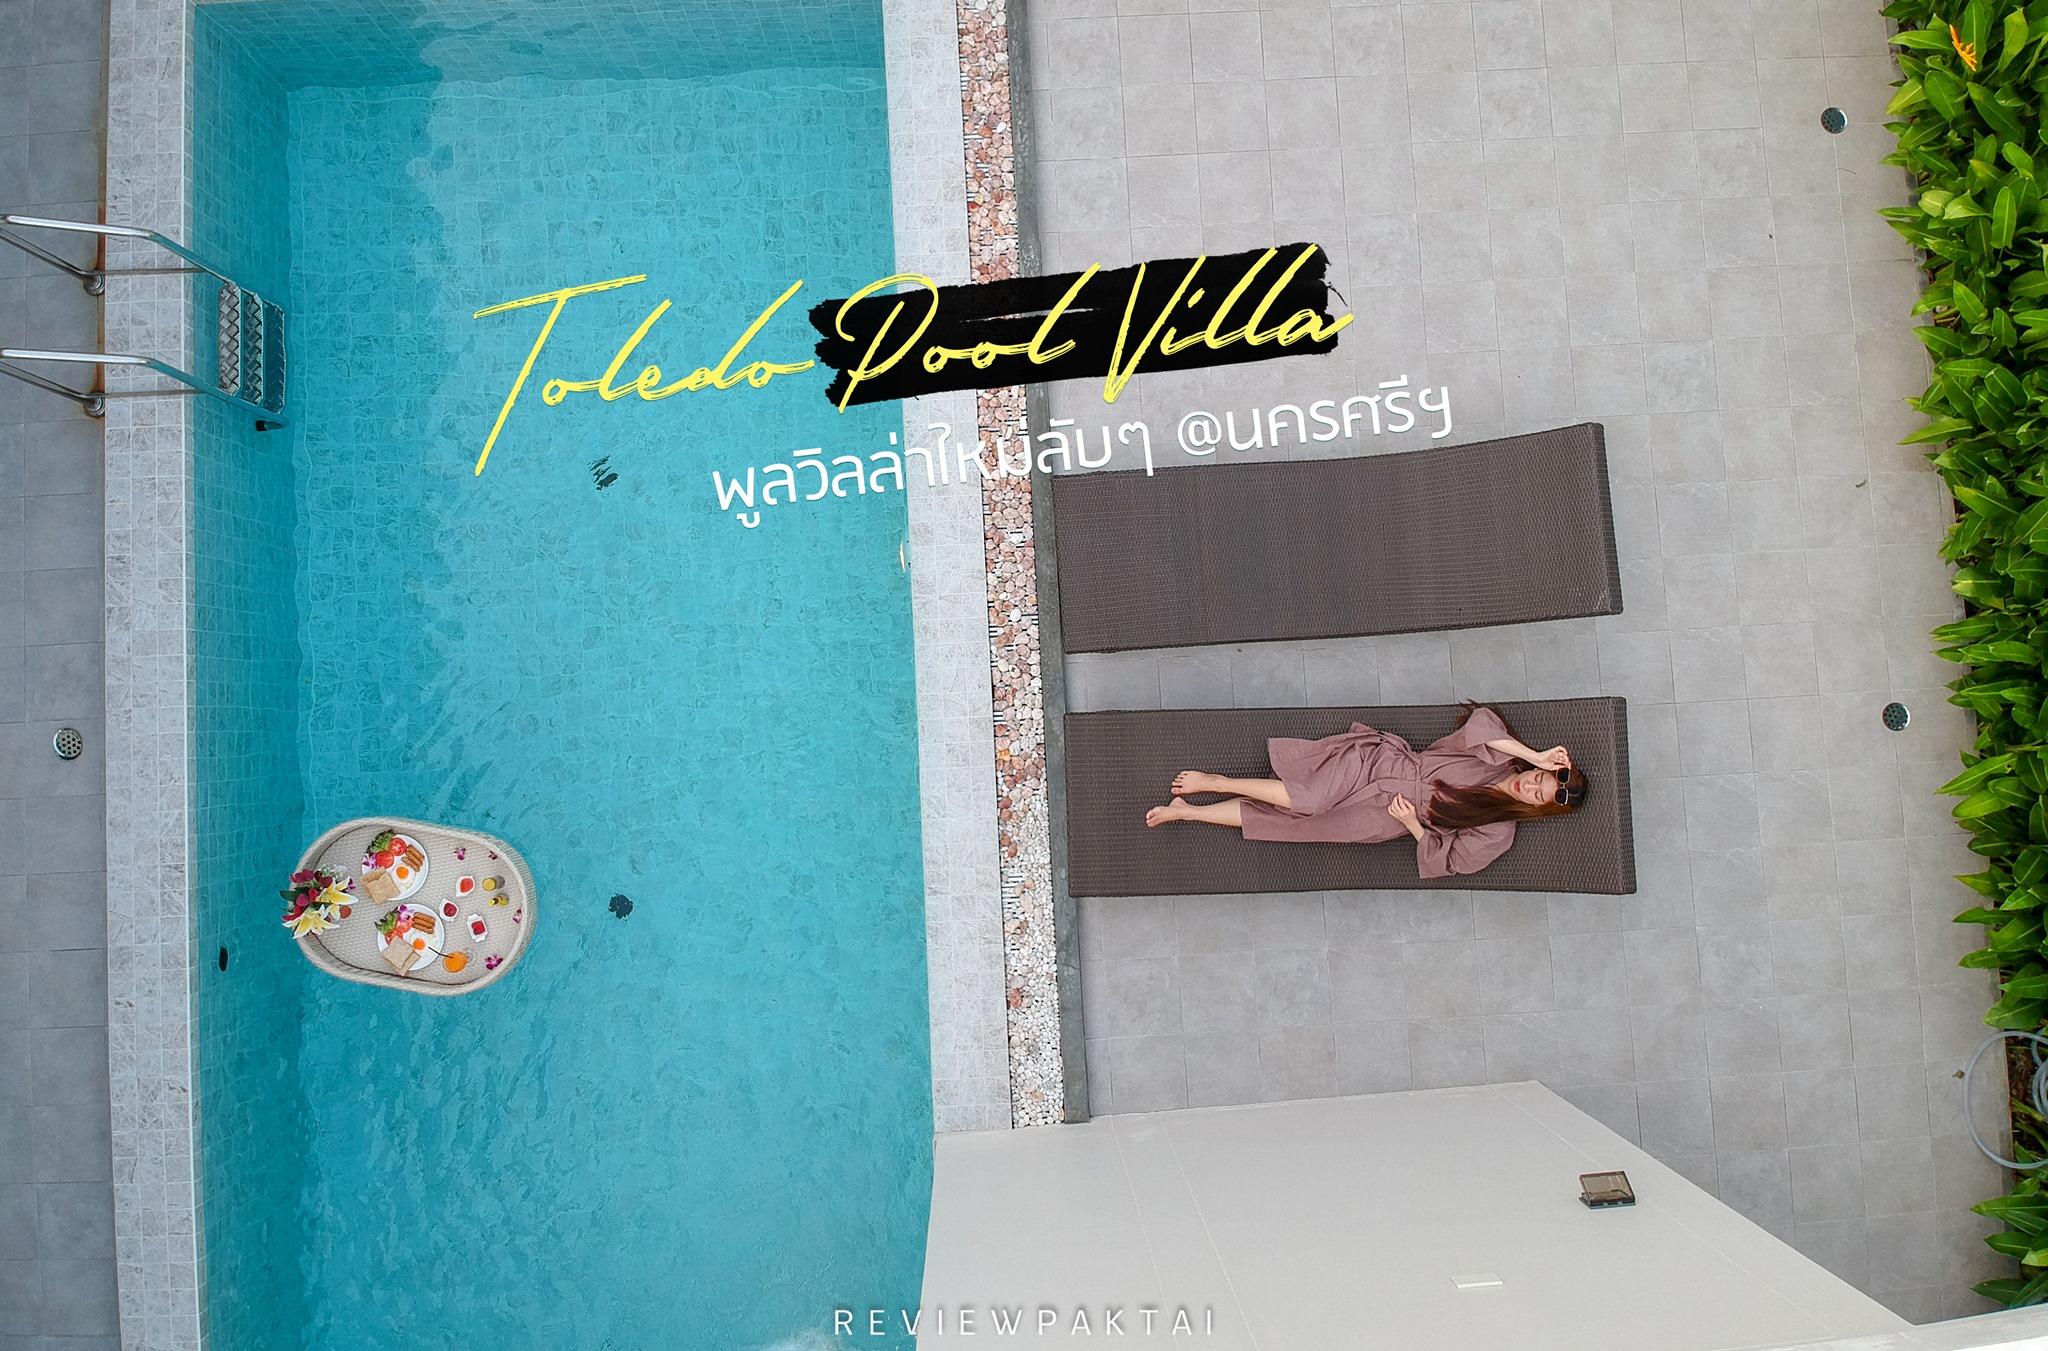 Toledo Pool Villa พูลวิลล่าใหม่ลับๆ ใกล้สนามบินนครศรีธรรมราช ขอบอกว่าเป็นโรงแรมที่เนี้ยบและเป้ะมากๆ 10/10 สวยสุดต้องมาให้ได้